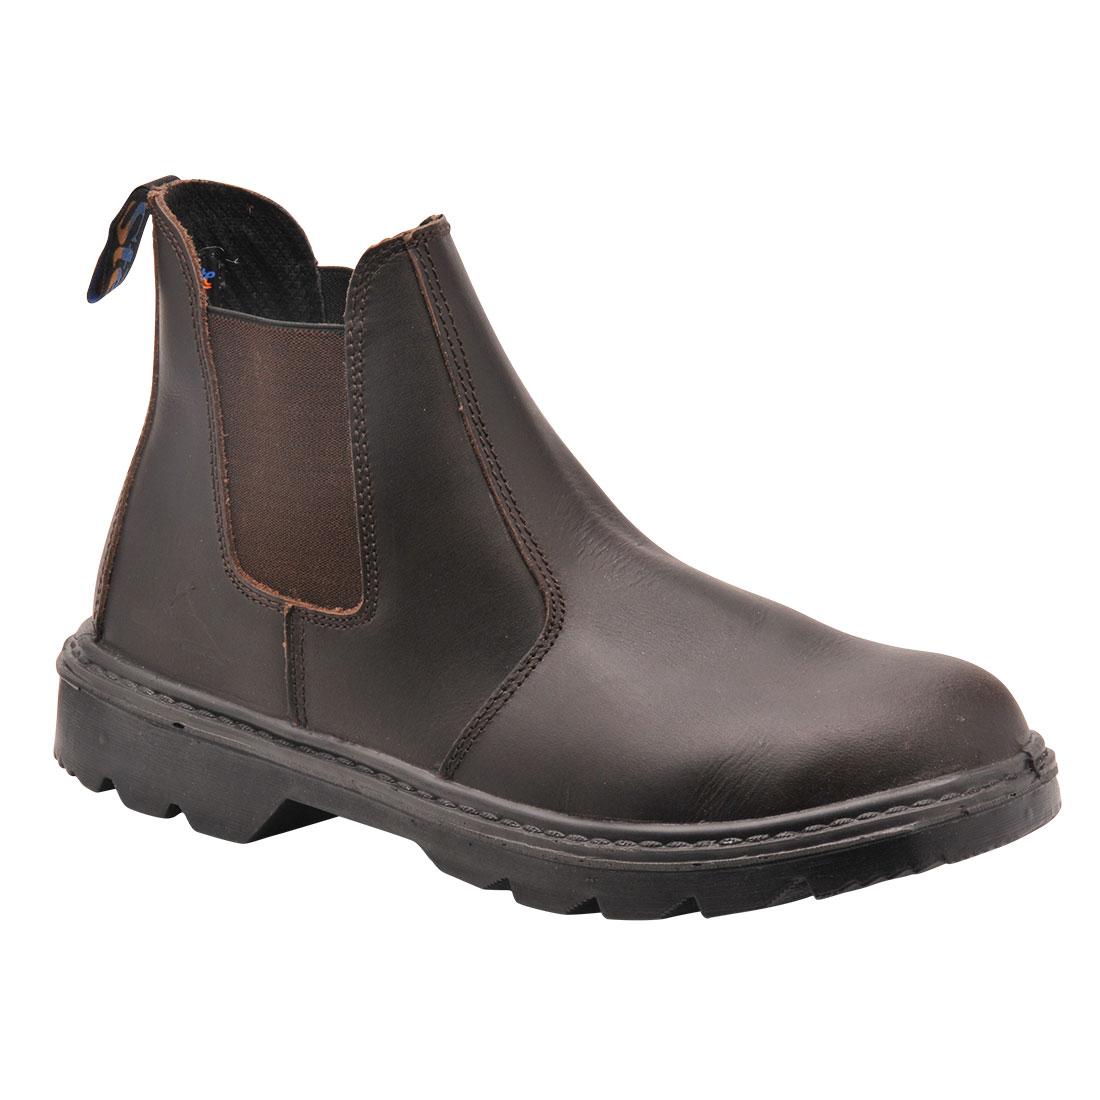 Steelite Dealer Boot 39/6 S1P Brown 39